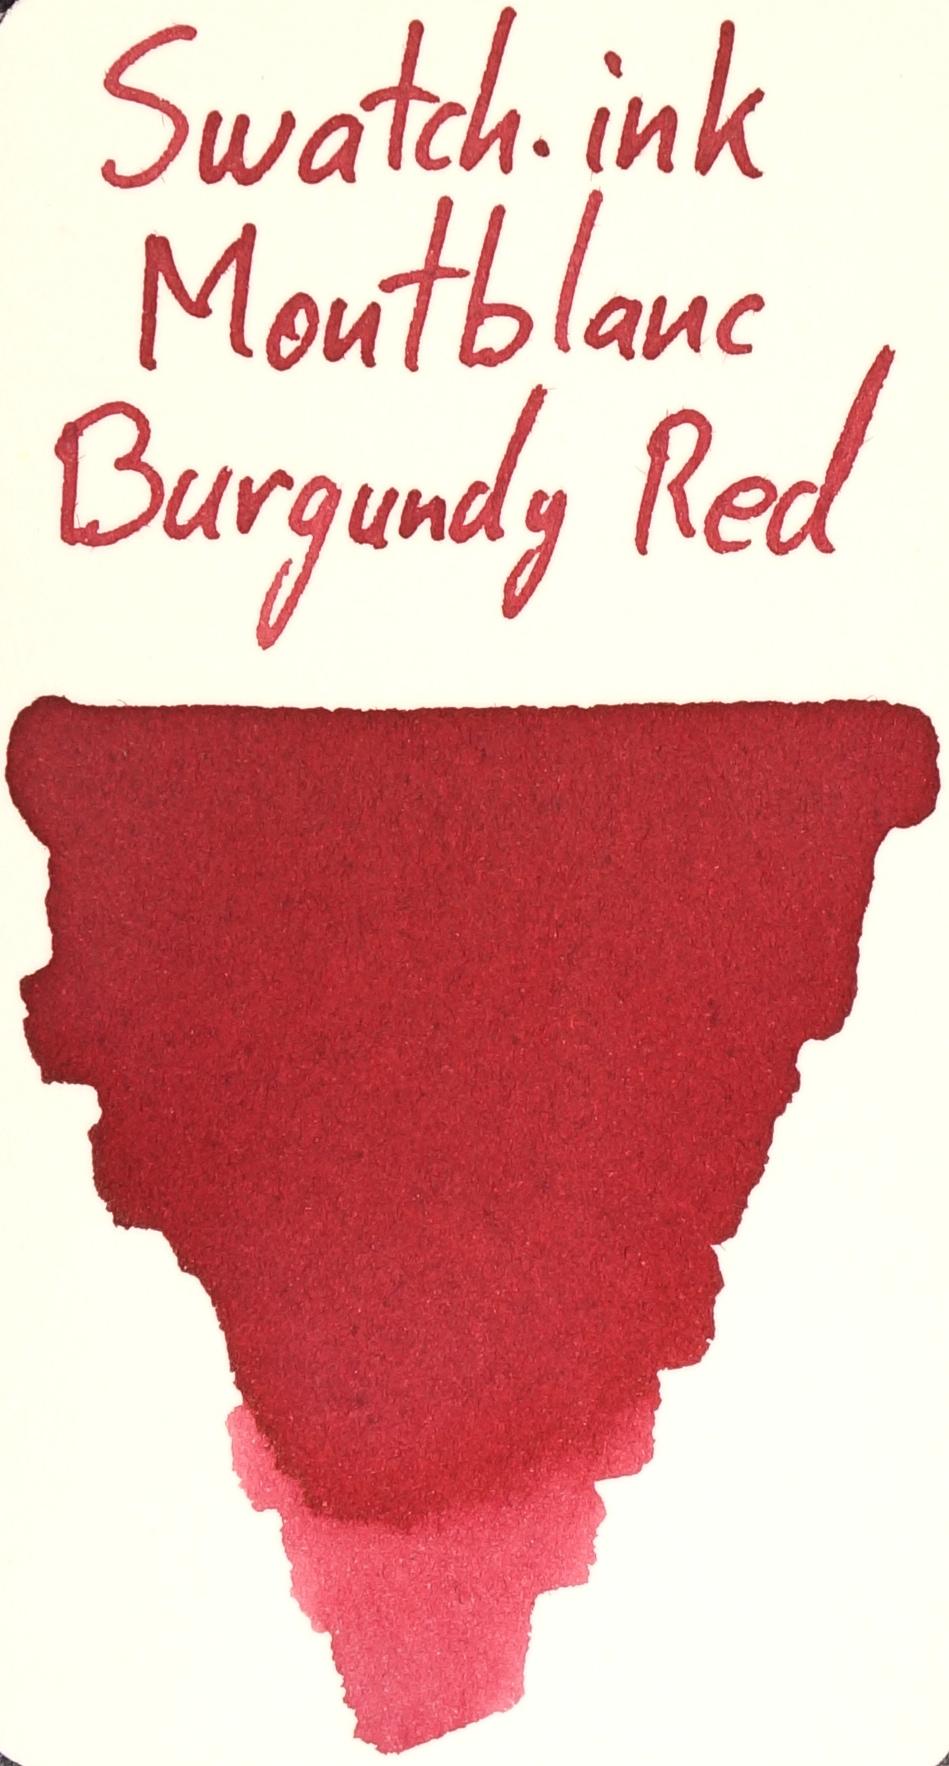 Montblanc Burgundy Red Swatch.ink.JPG